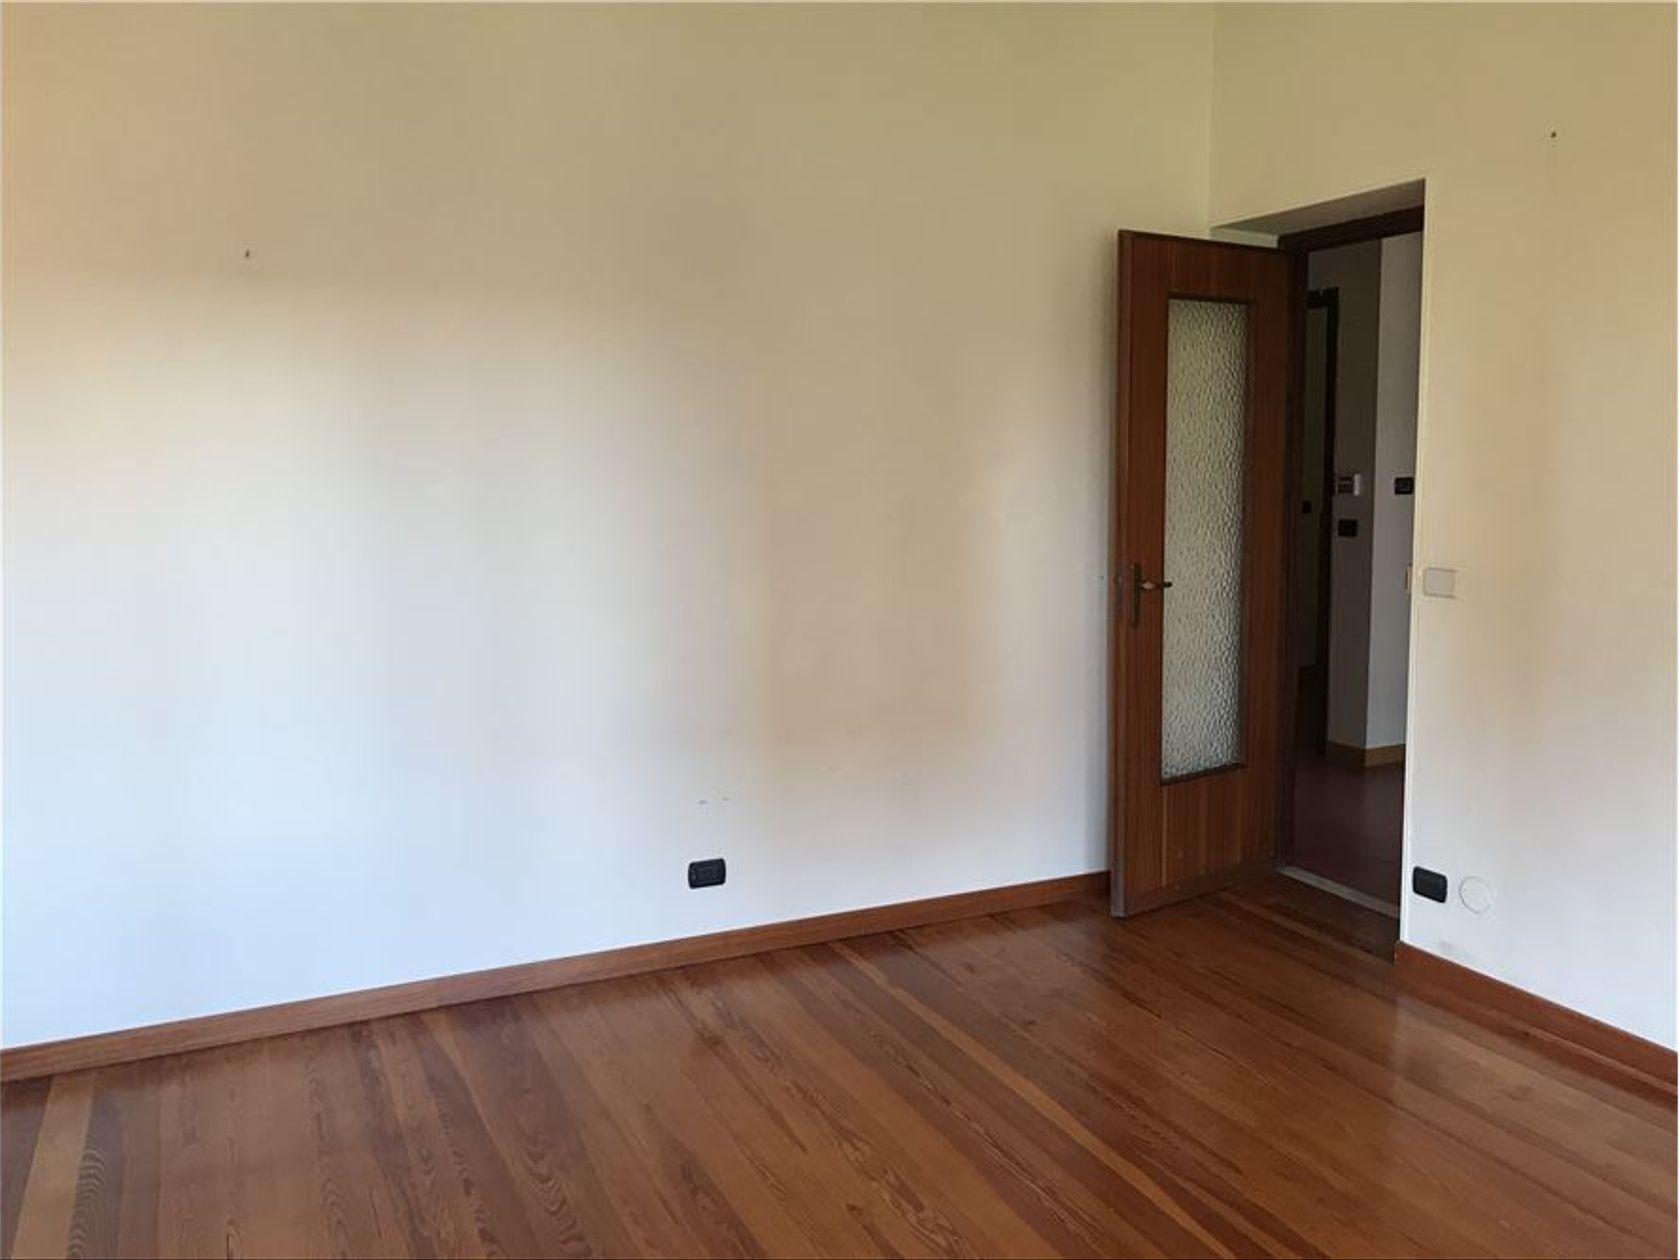 Appartamento Chieri, TO Vendita - Foto 20